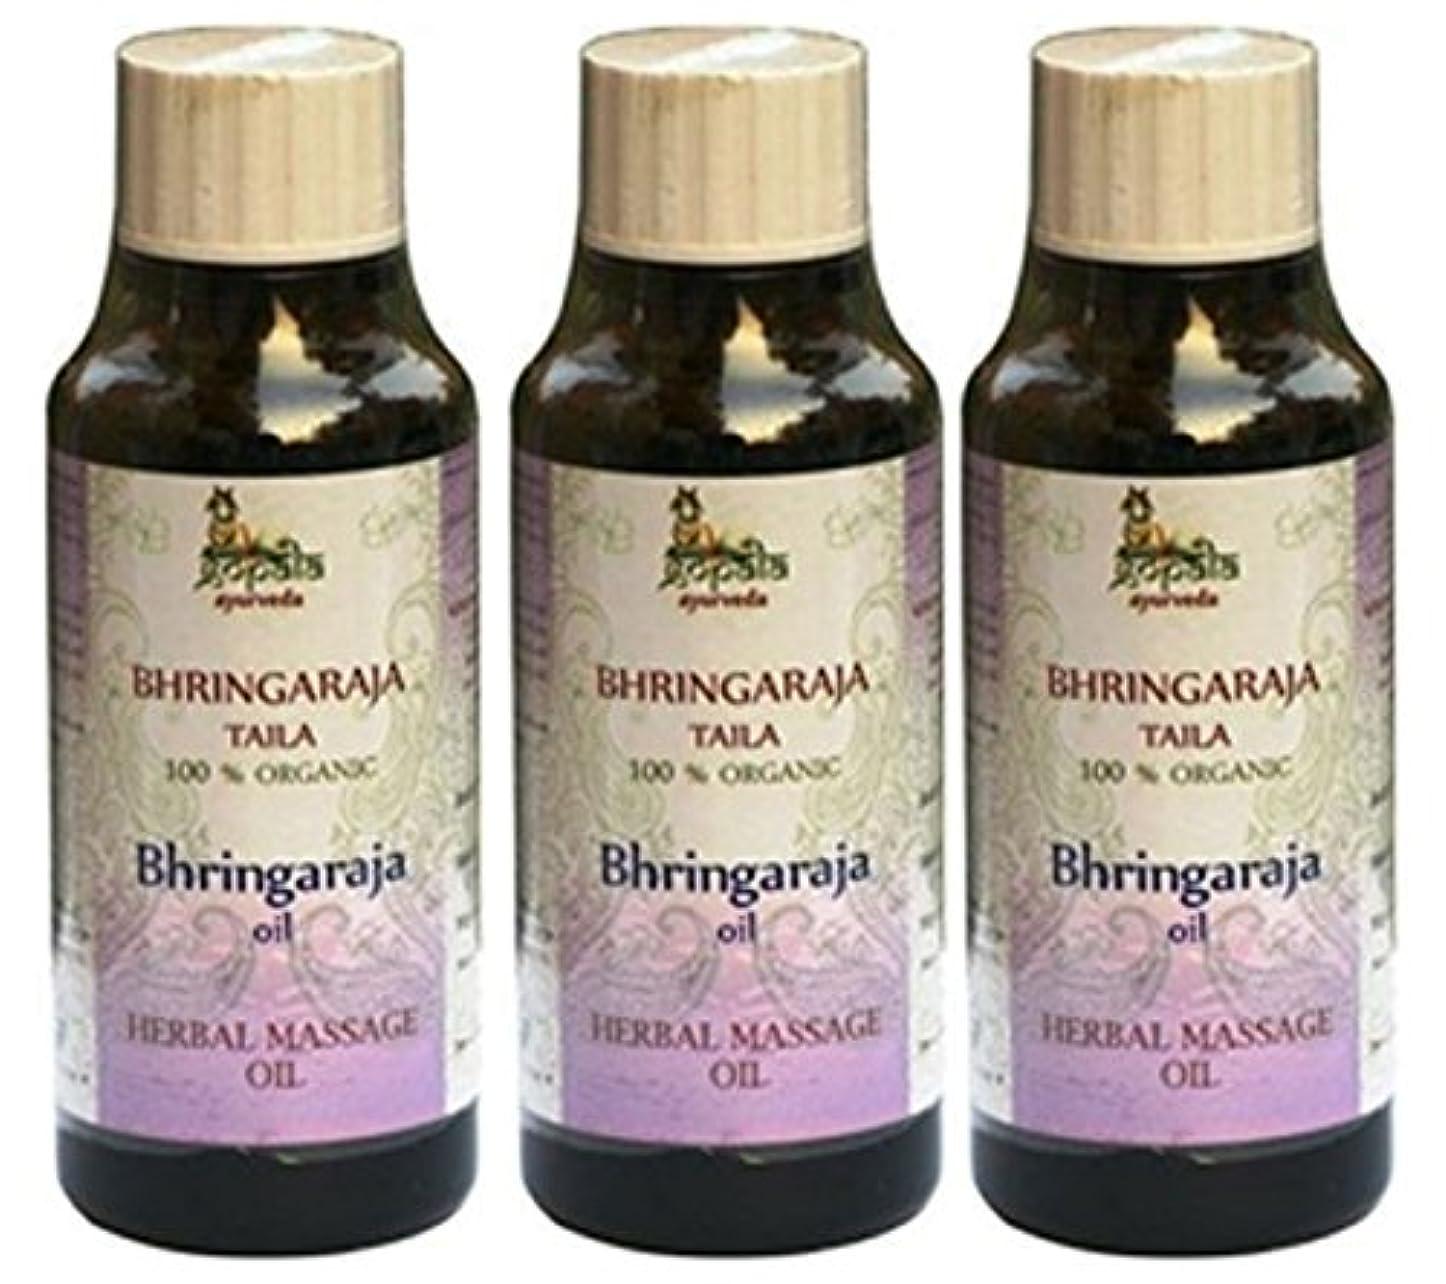 委任する意味トランペットBhringraja Oil - 100% USDA CERTIFIED ORGANIC - Ayurvedic Hair Massage Oil - 150ml (Pack of 3) - EXPEDITED DELIVERY